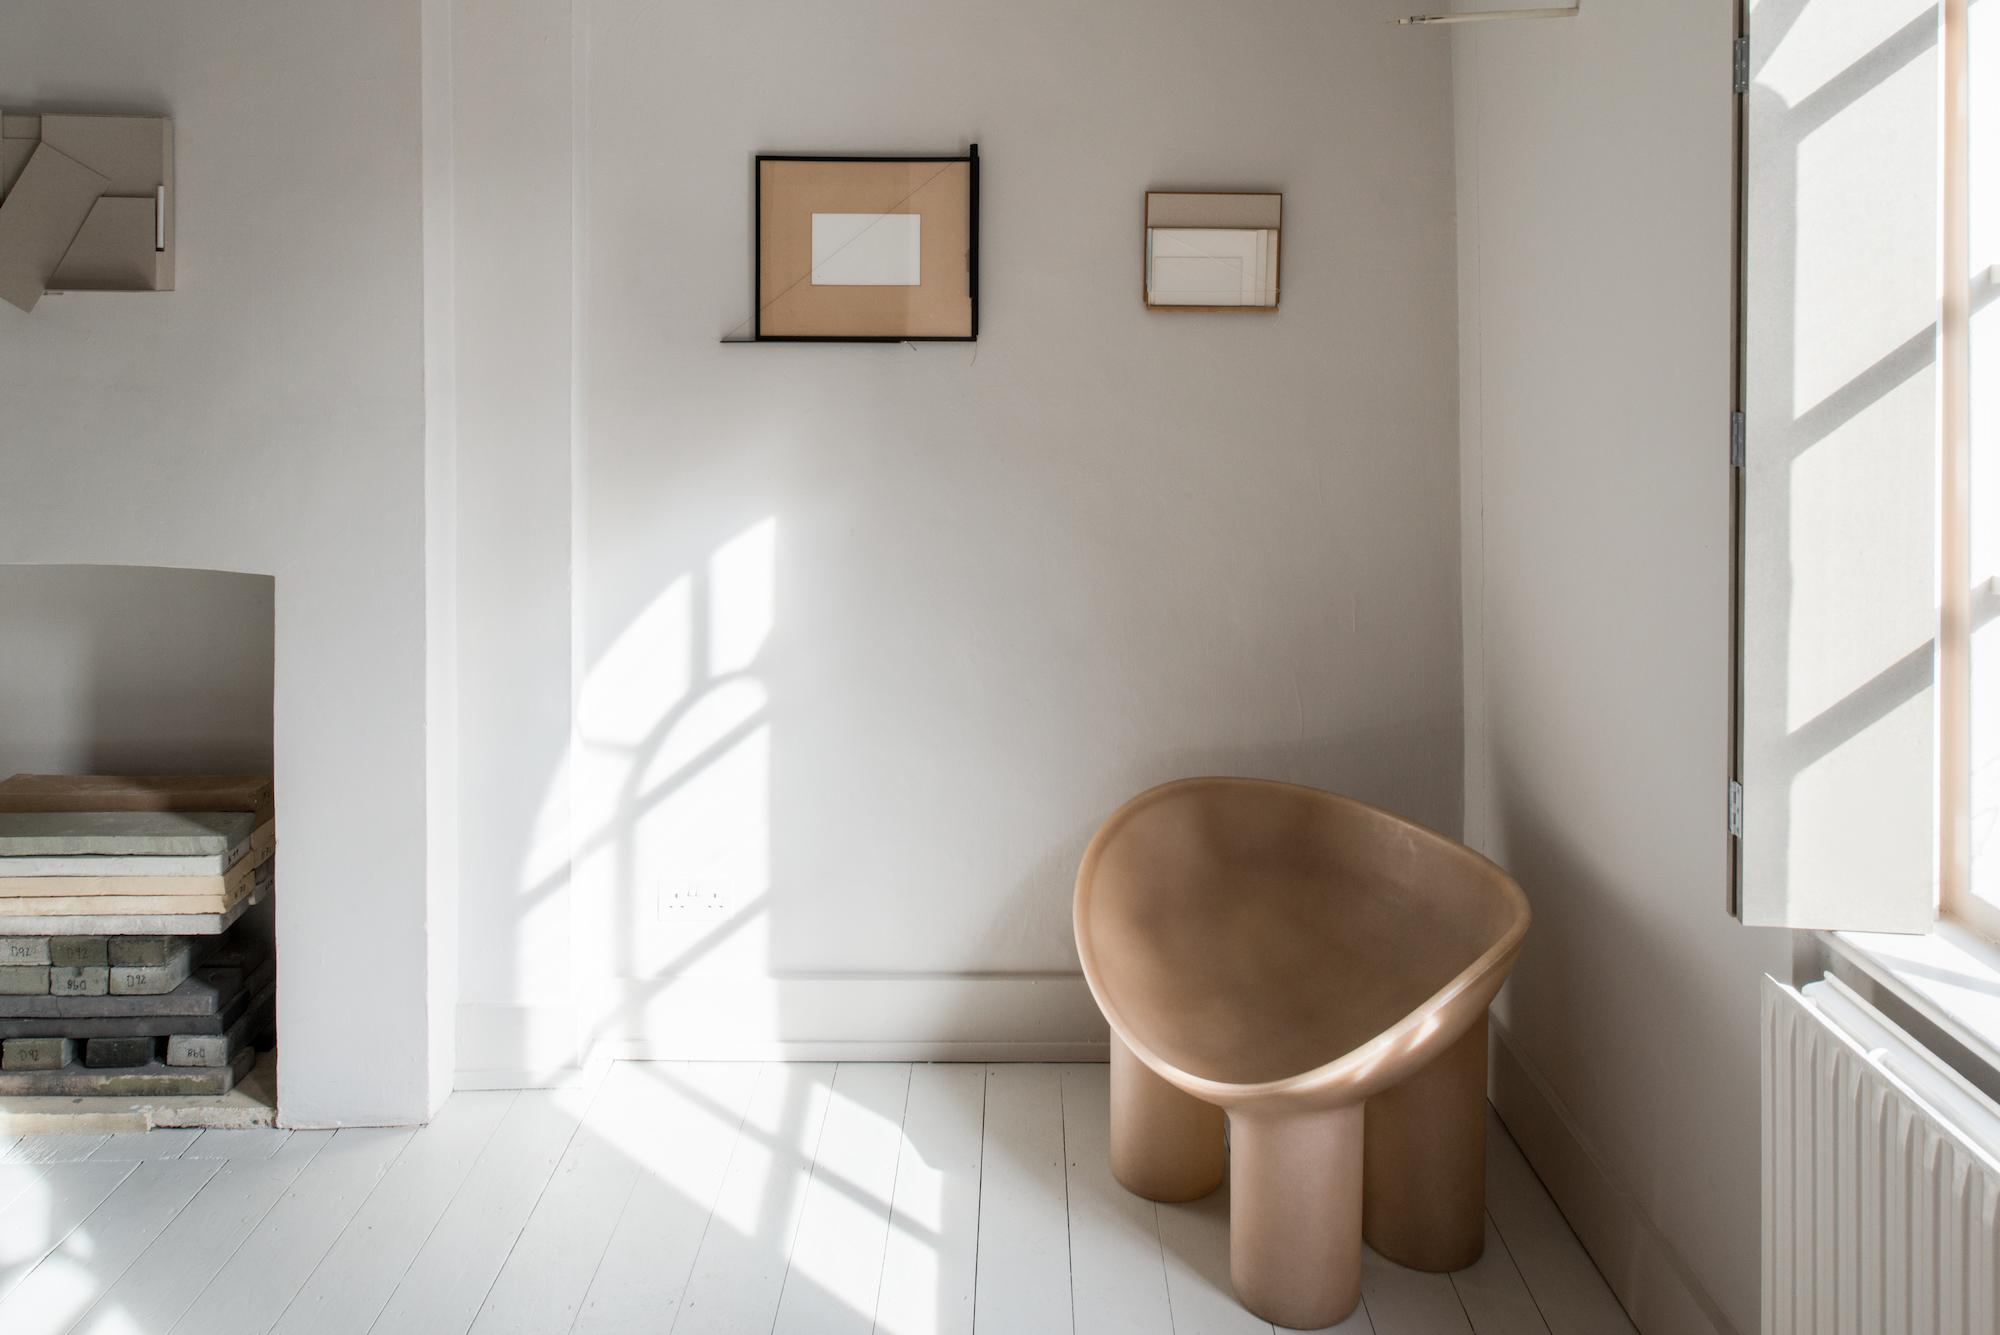 Gallery Showroom Londons House of Toogood Defies